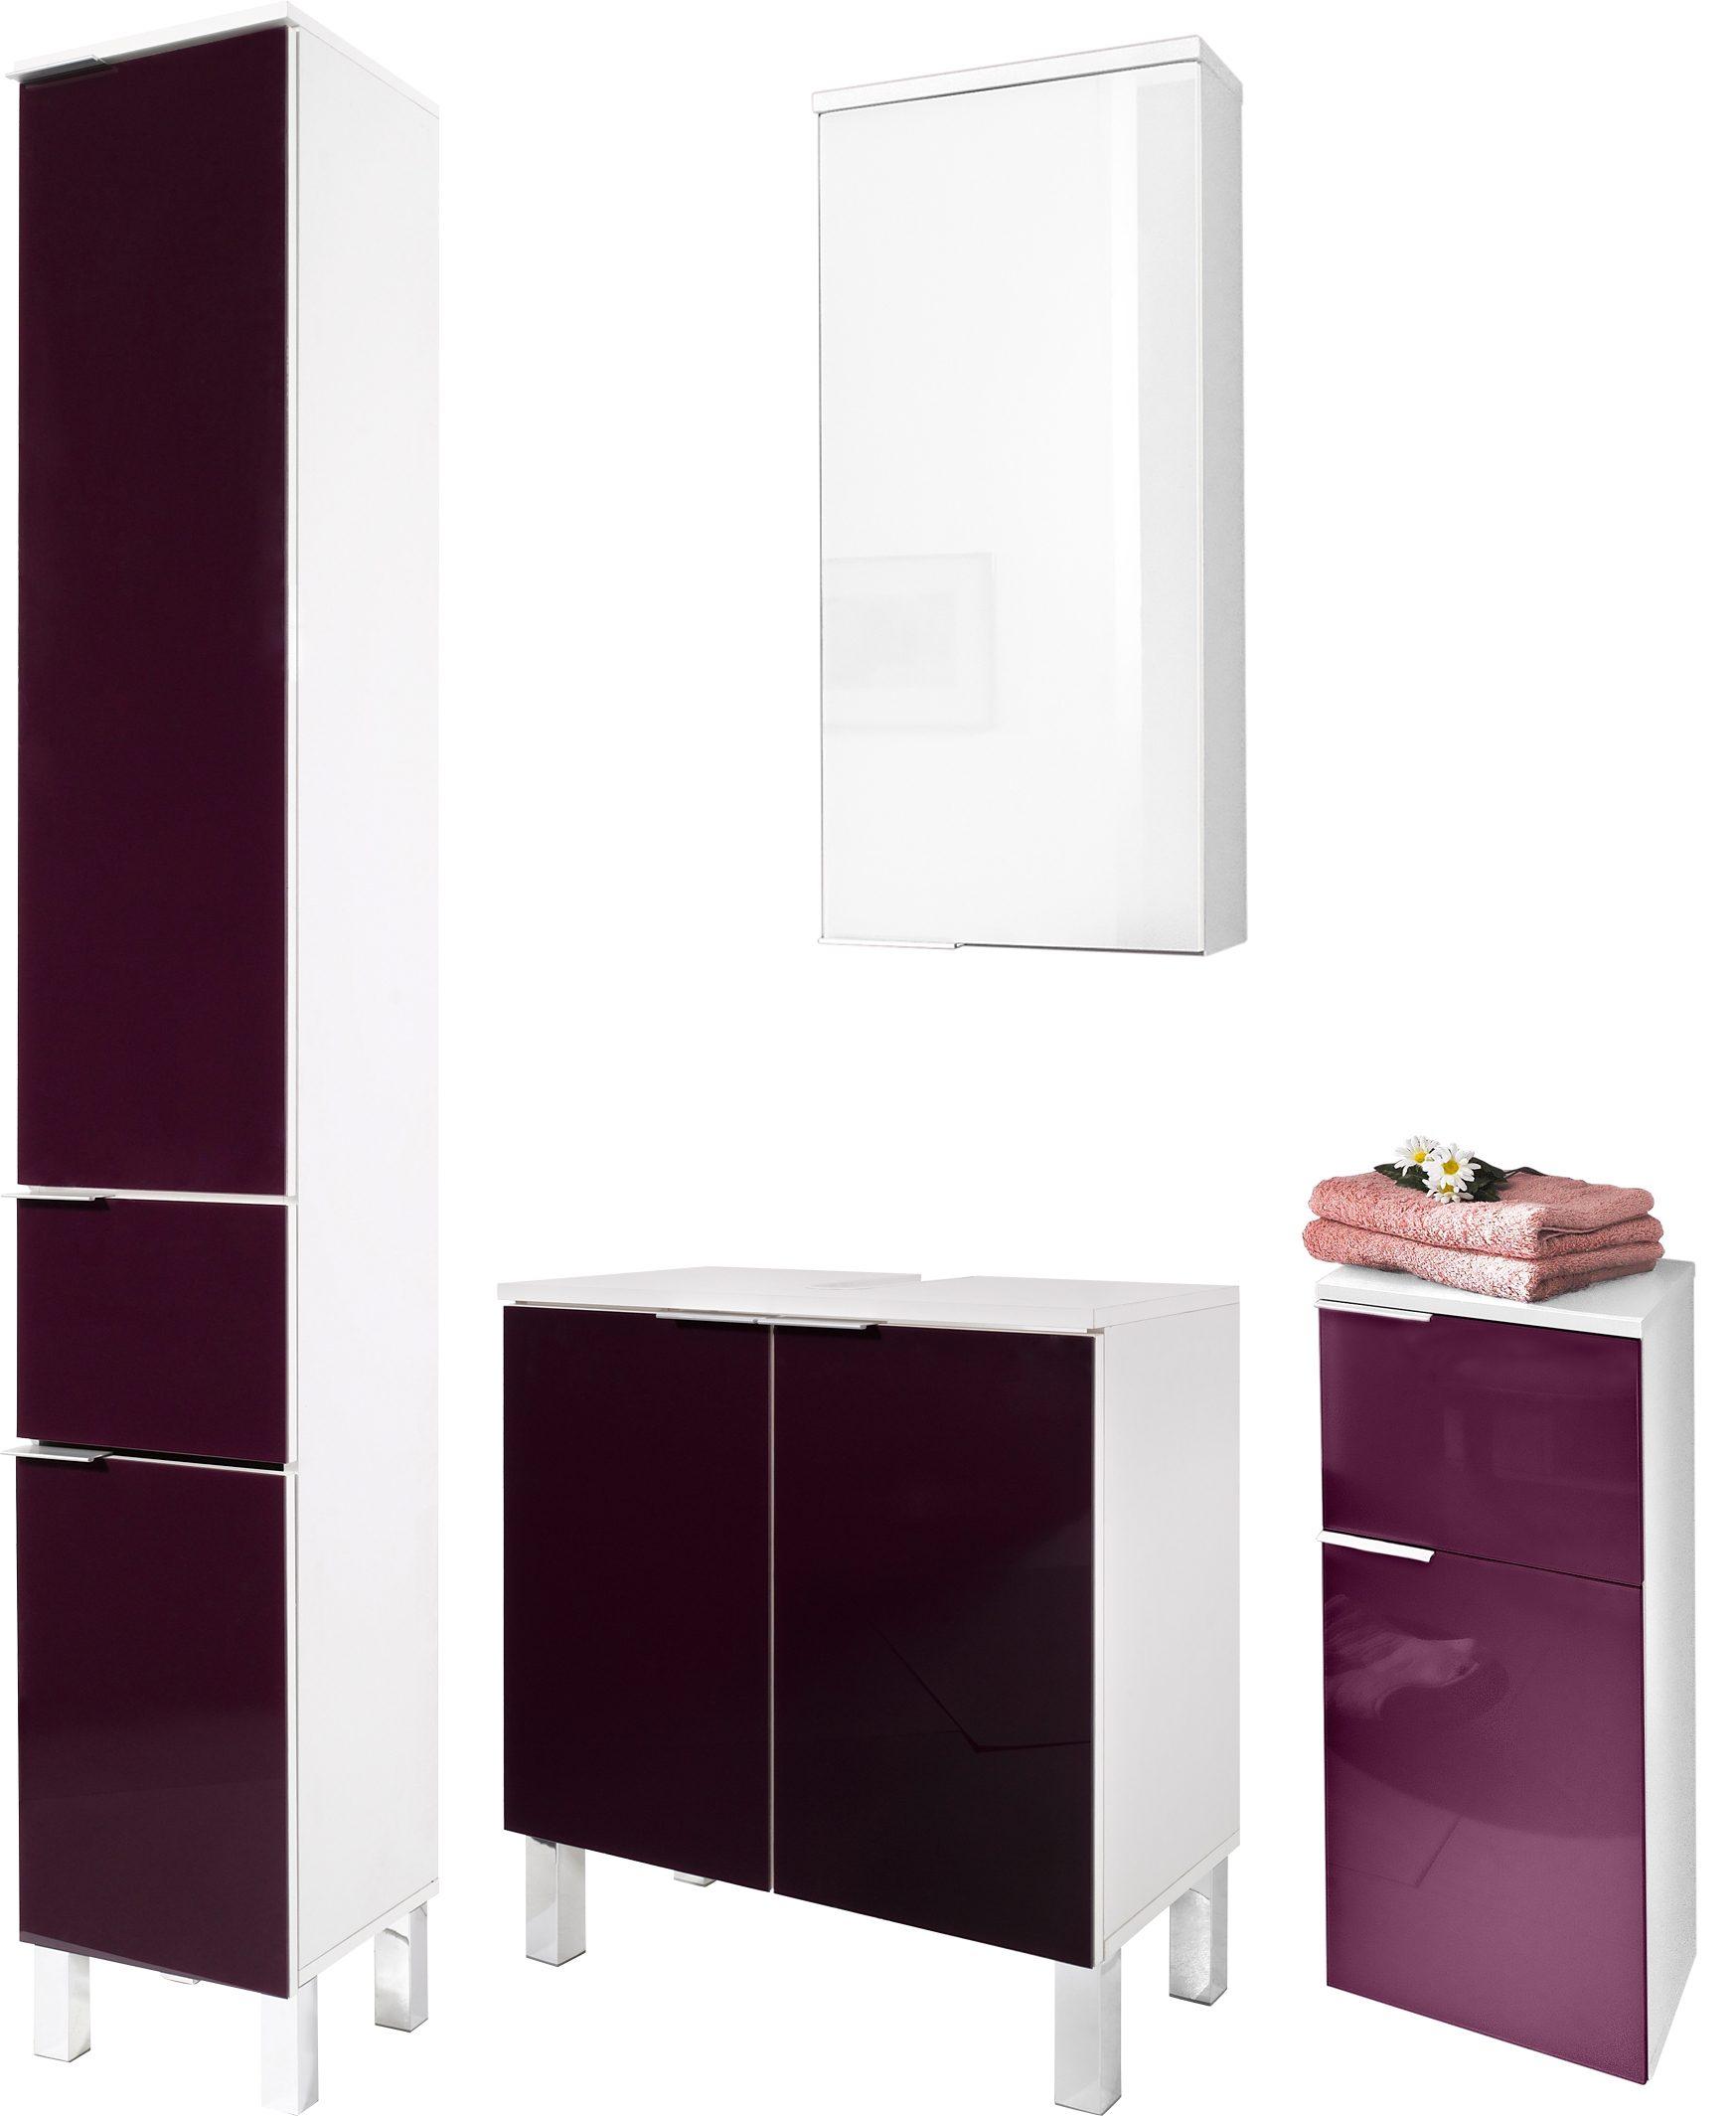 Badezimmermöbel Otto | Küchen Unterschrank Auszug | Haus Ideen